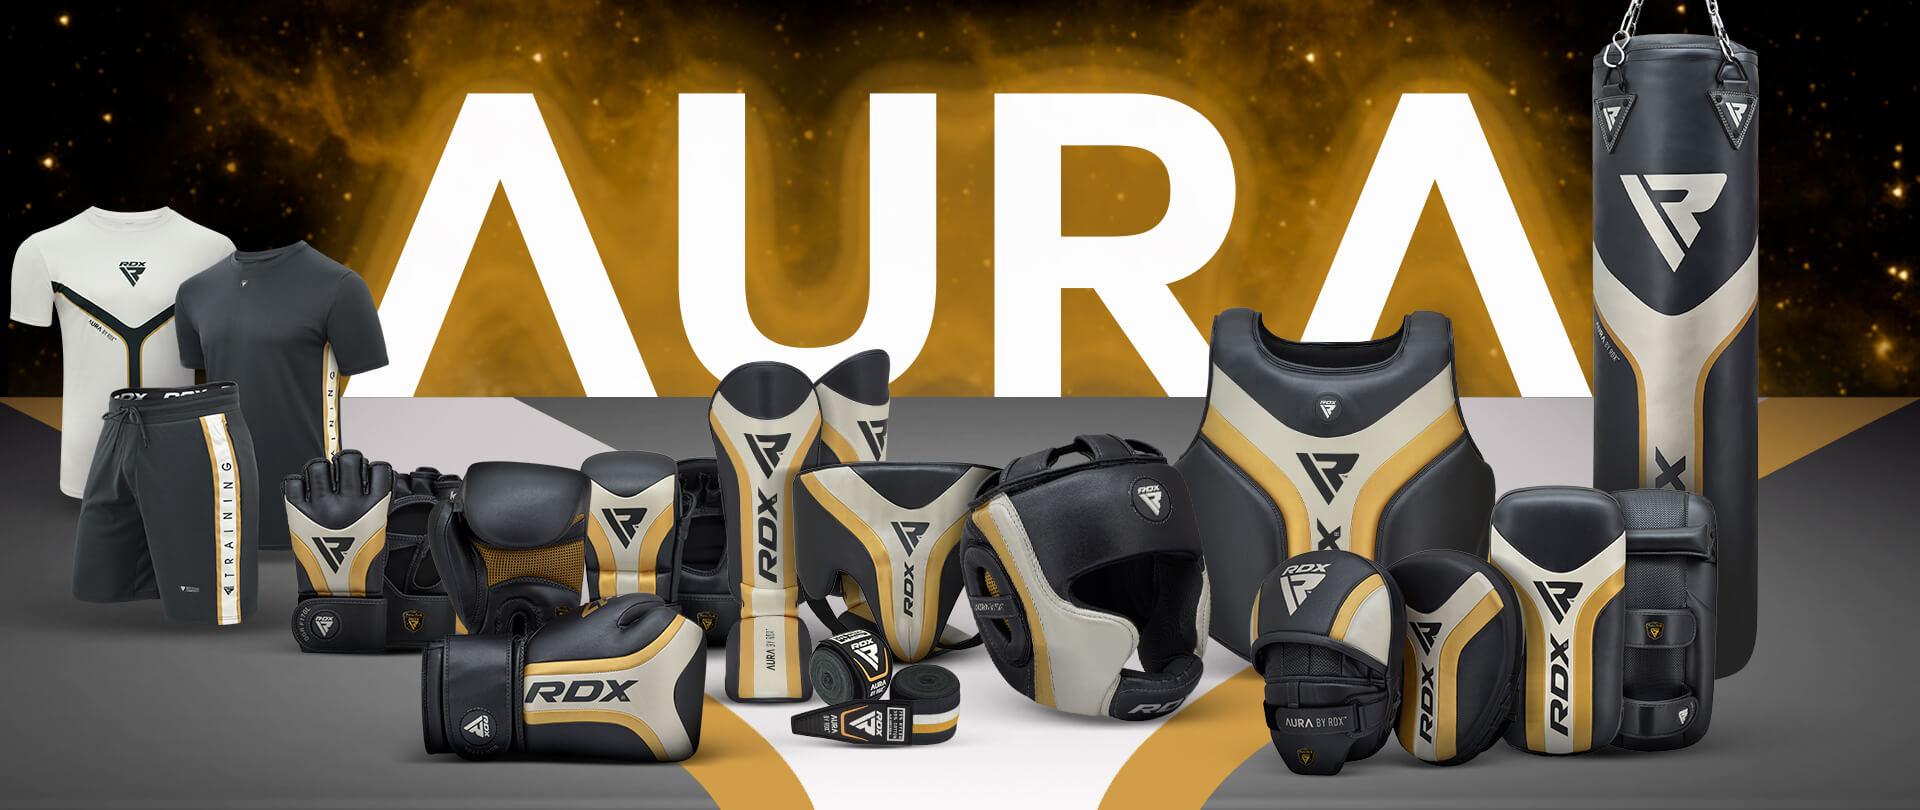 RDX Aura Technology